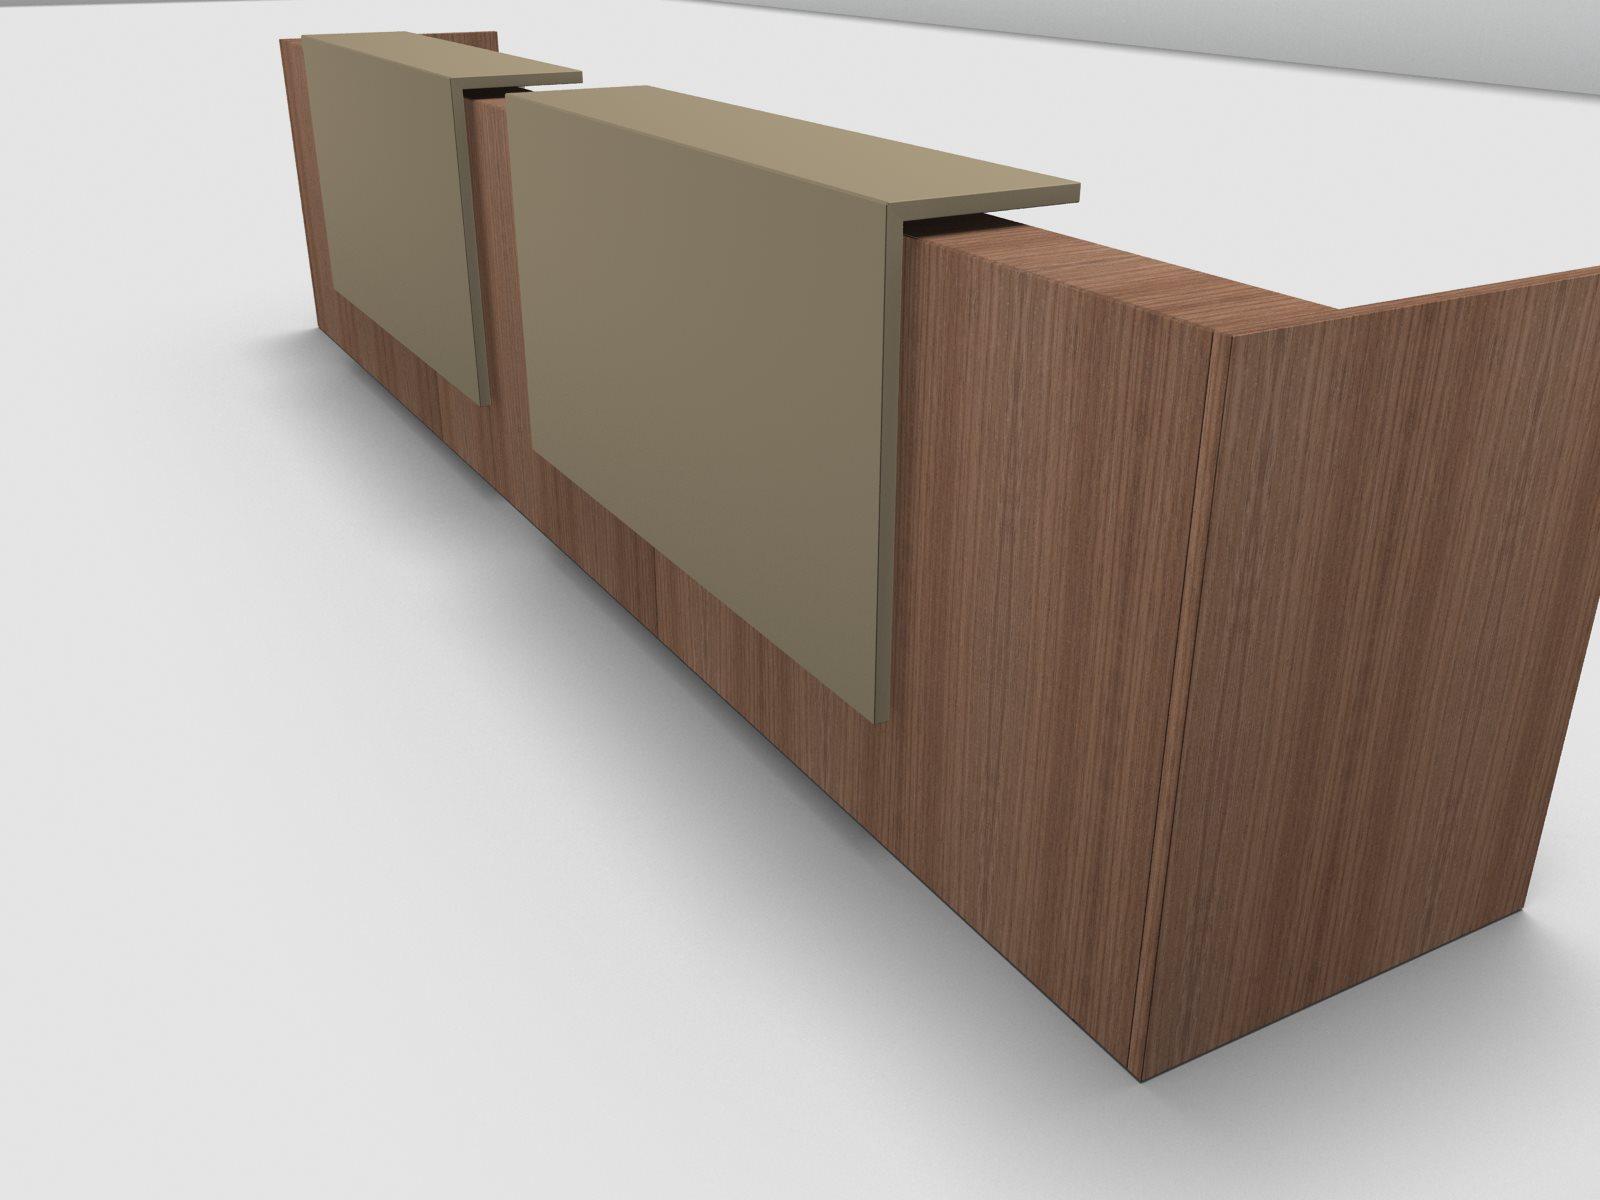 Ziemlich Büromöbel Preiswert Zeitgenössisch - Die Designideen für ...